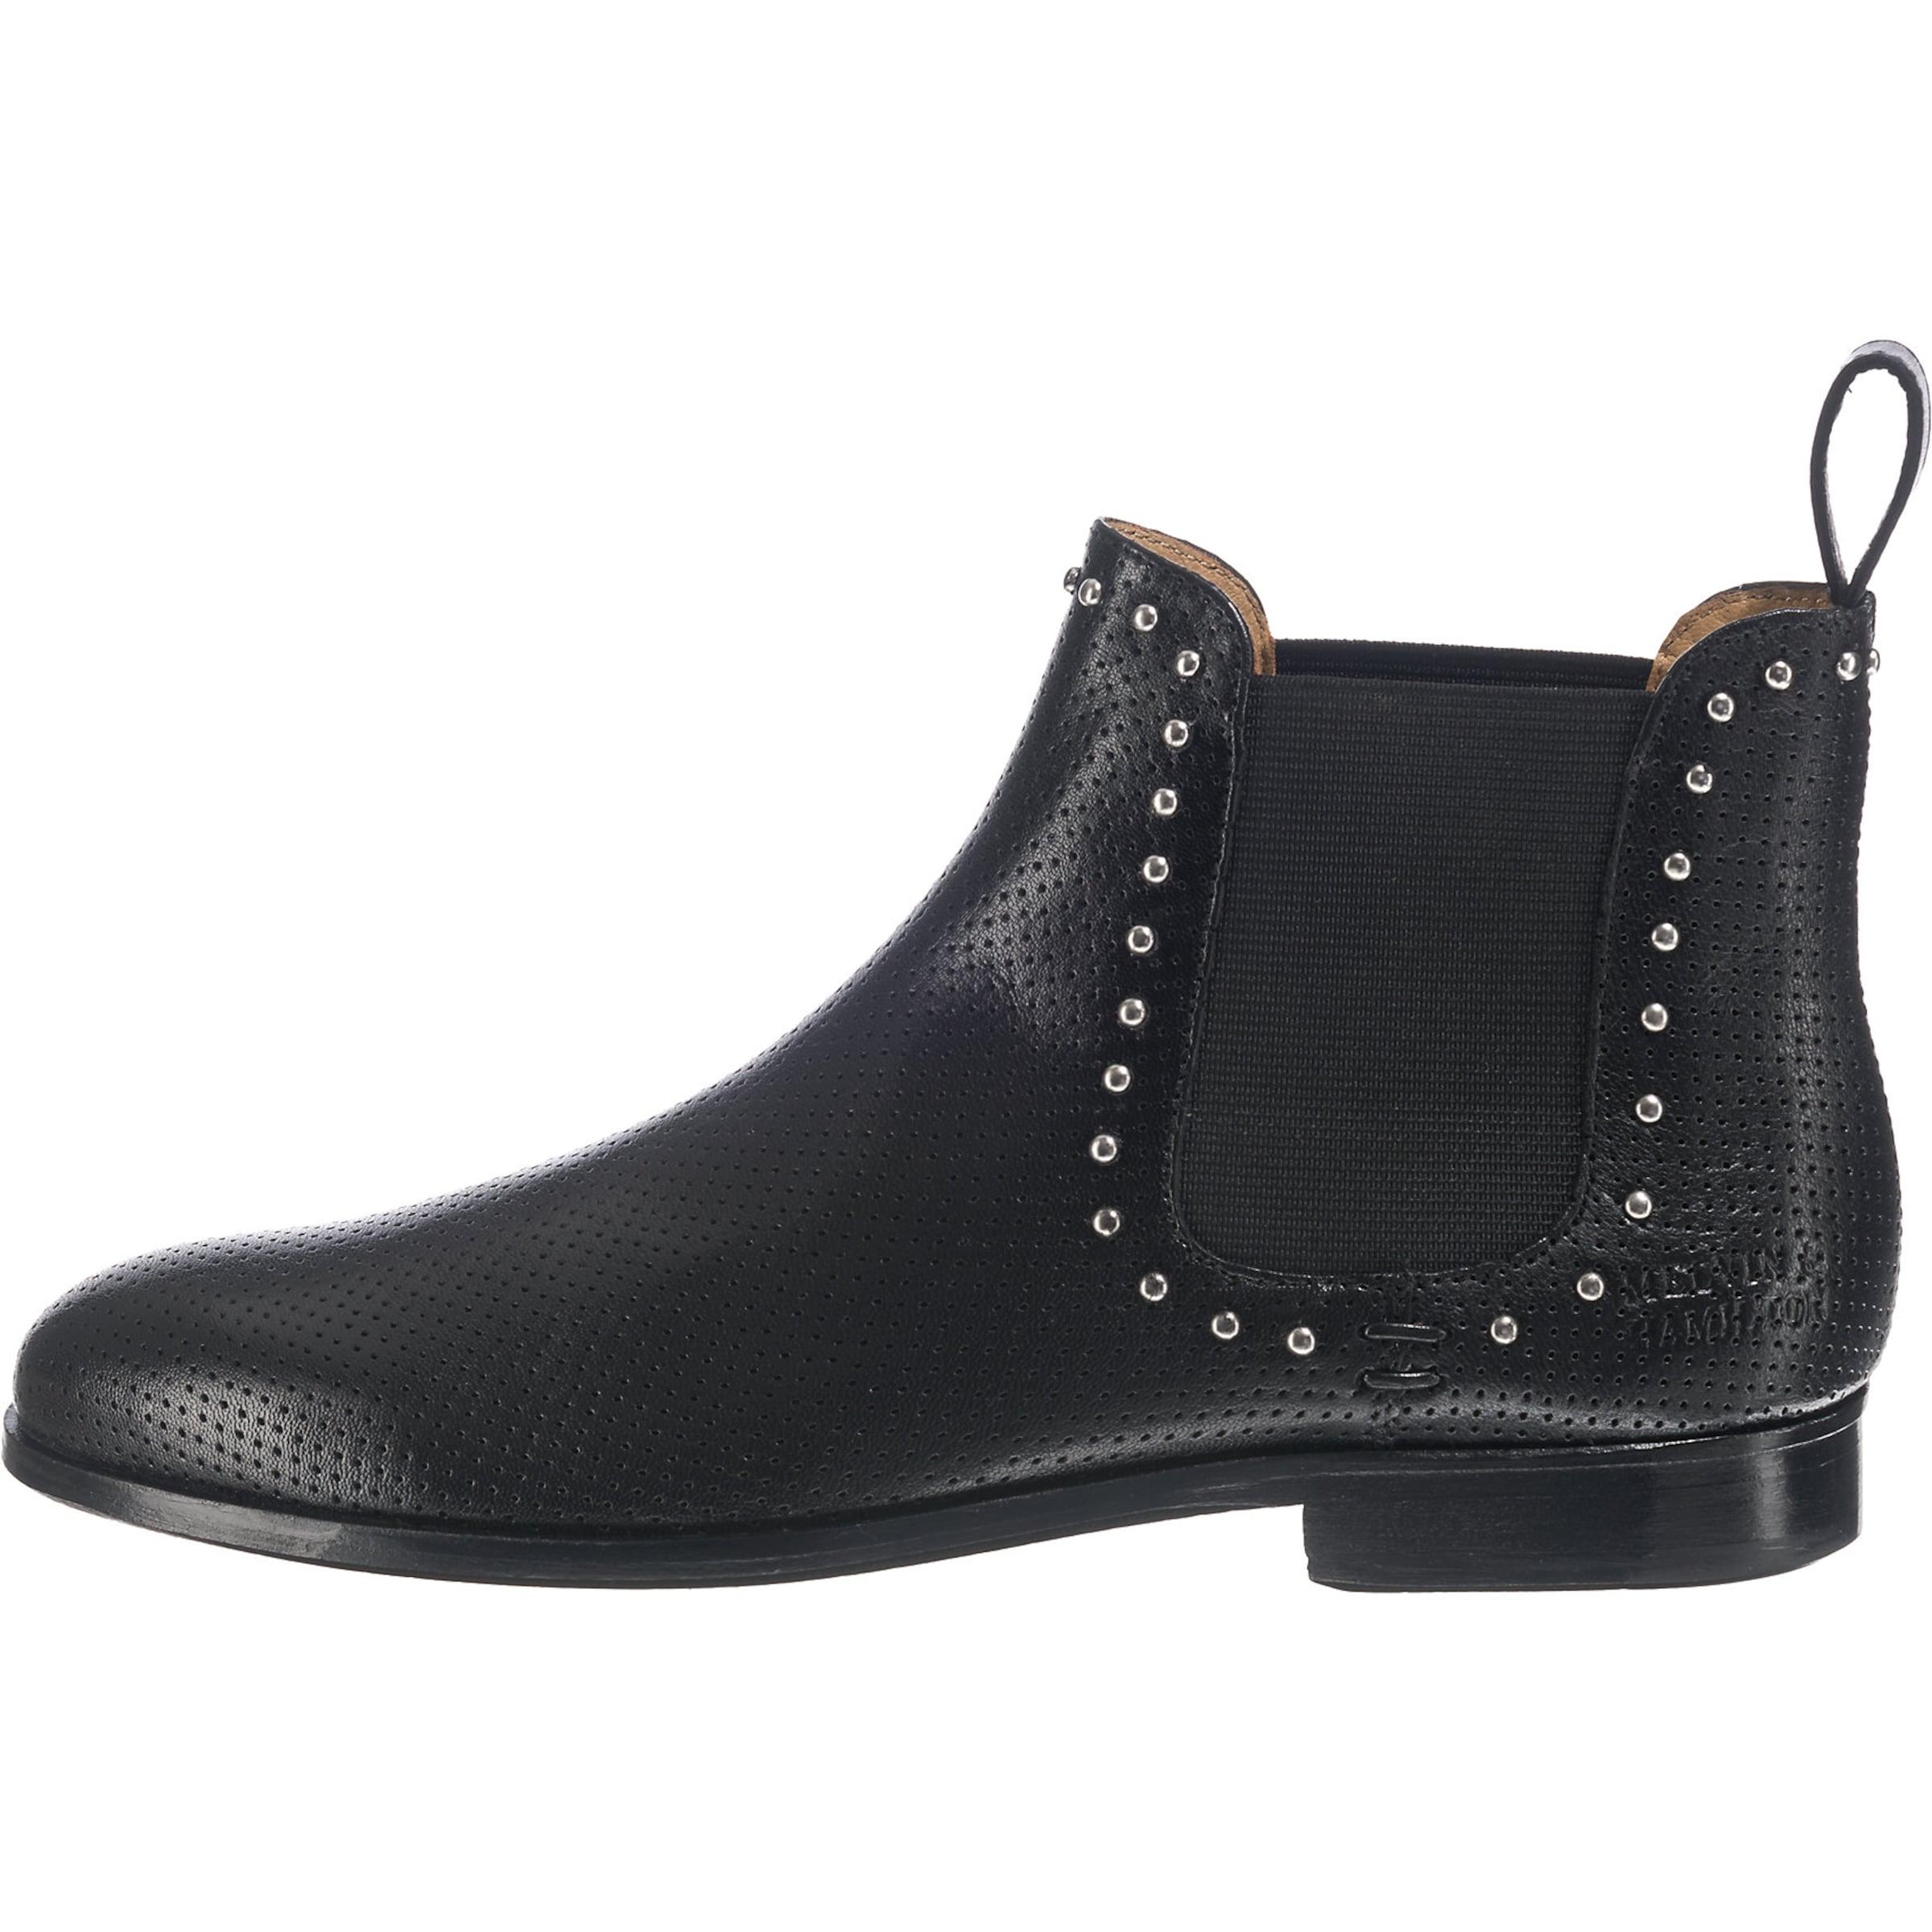 Schnelle Lieferung Verkauf Online MELVIN & HAMILTON Susan 37 Chelsea Boots Countdown Paketverkauf Online Für Billig Zu Verkaufen gTc9jX0zRI